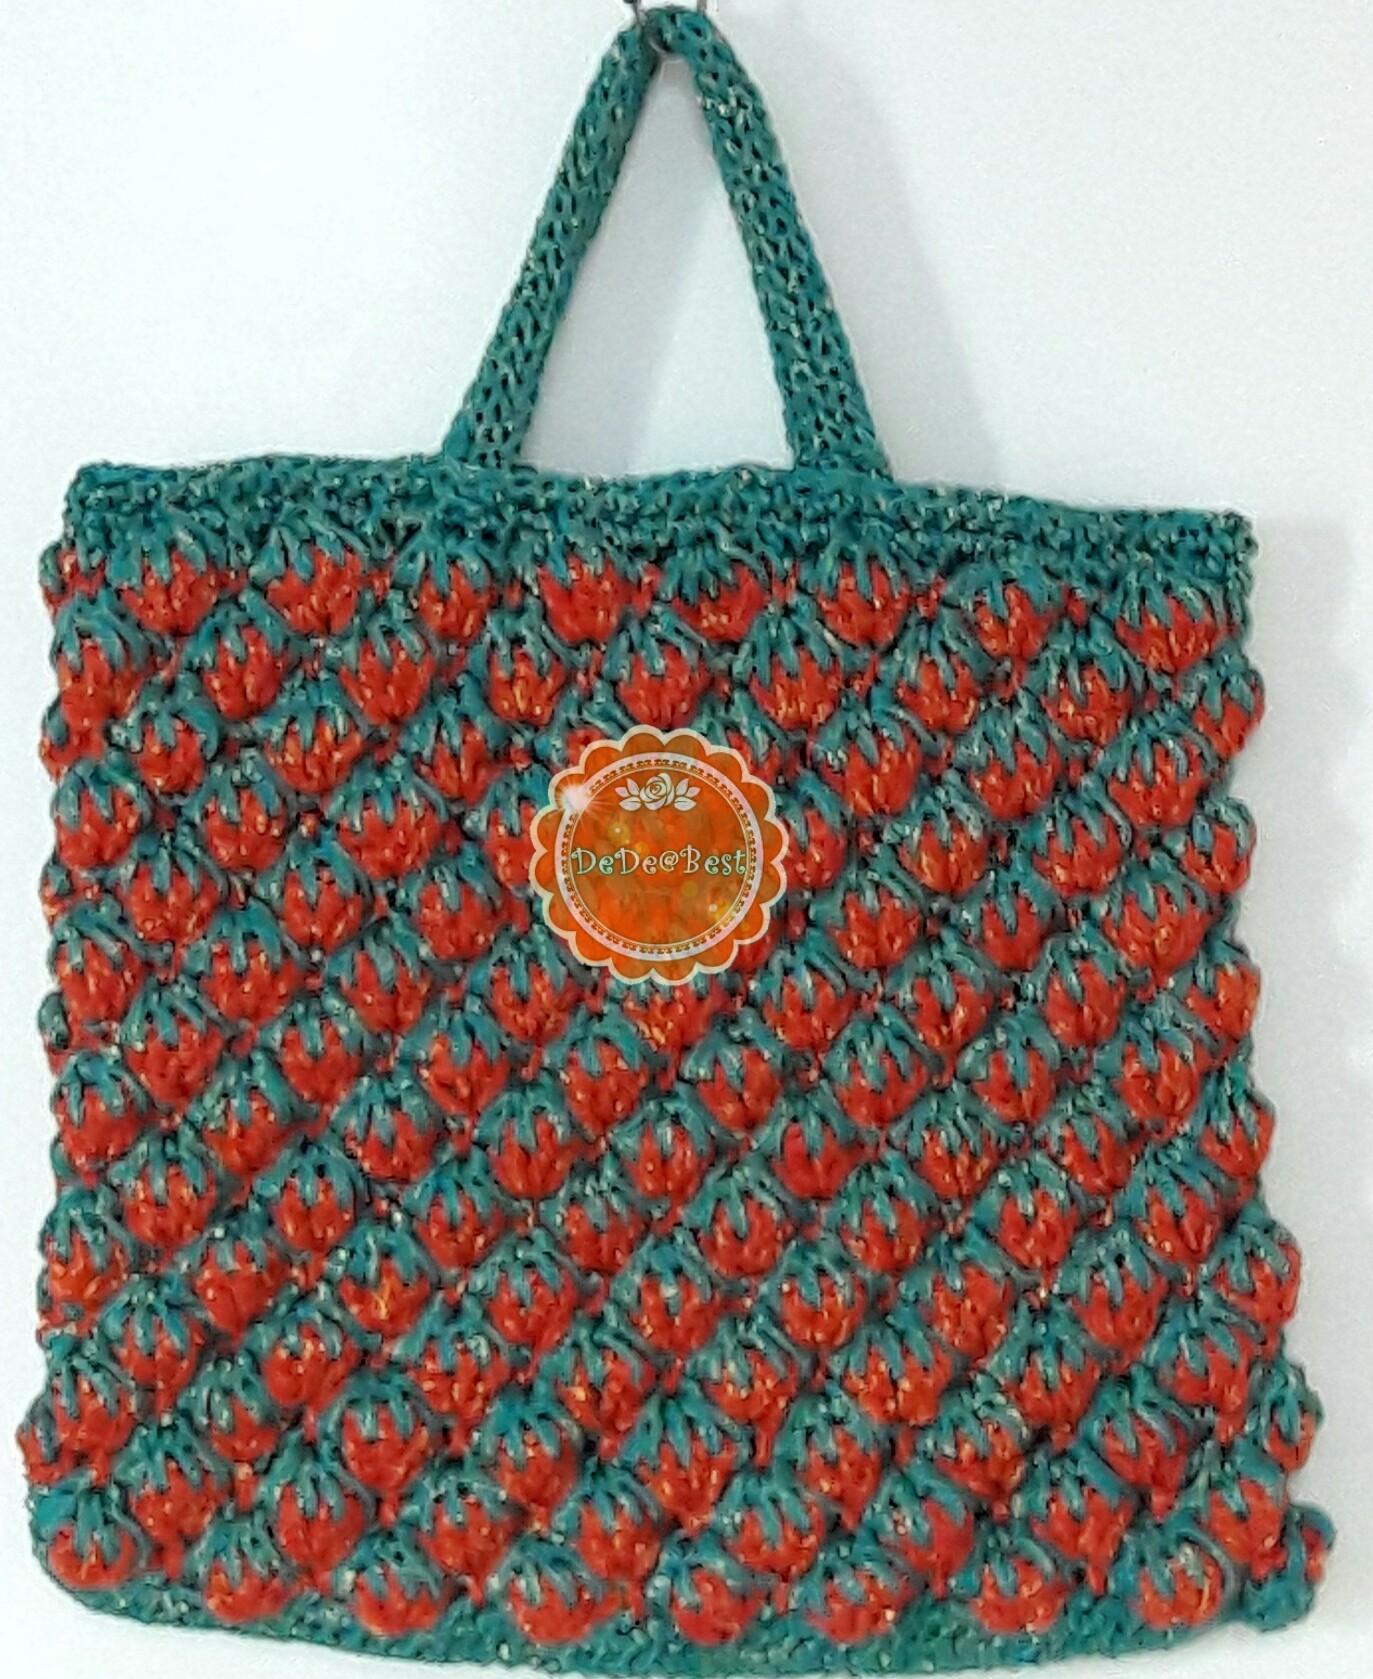 หมดค่ะ B68:Handmade bag กระเป๋าถักเชือกร่มดิ้นทอง สตอเบอรี่สีแดง+สีเขียว สินค้าใหม่ค่ะ❤